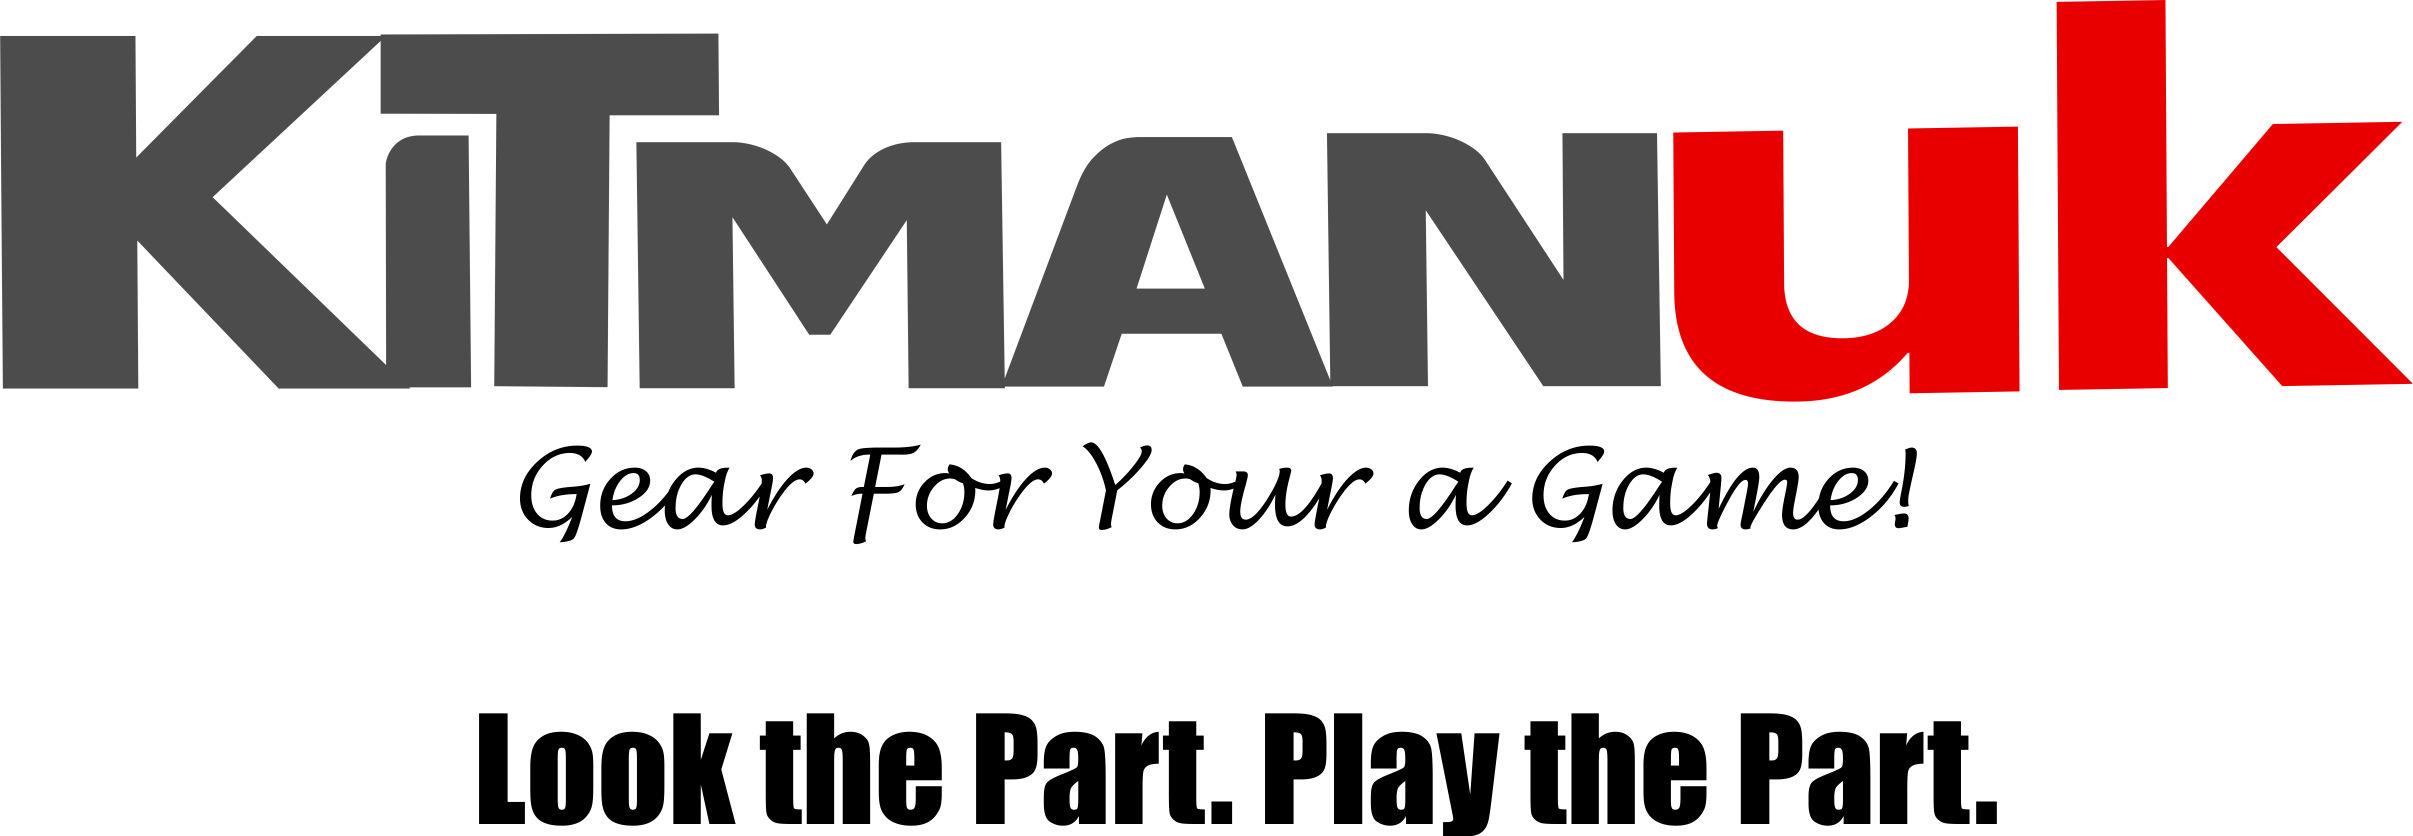 Kitman Web Pic 30